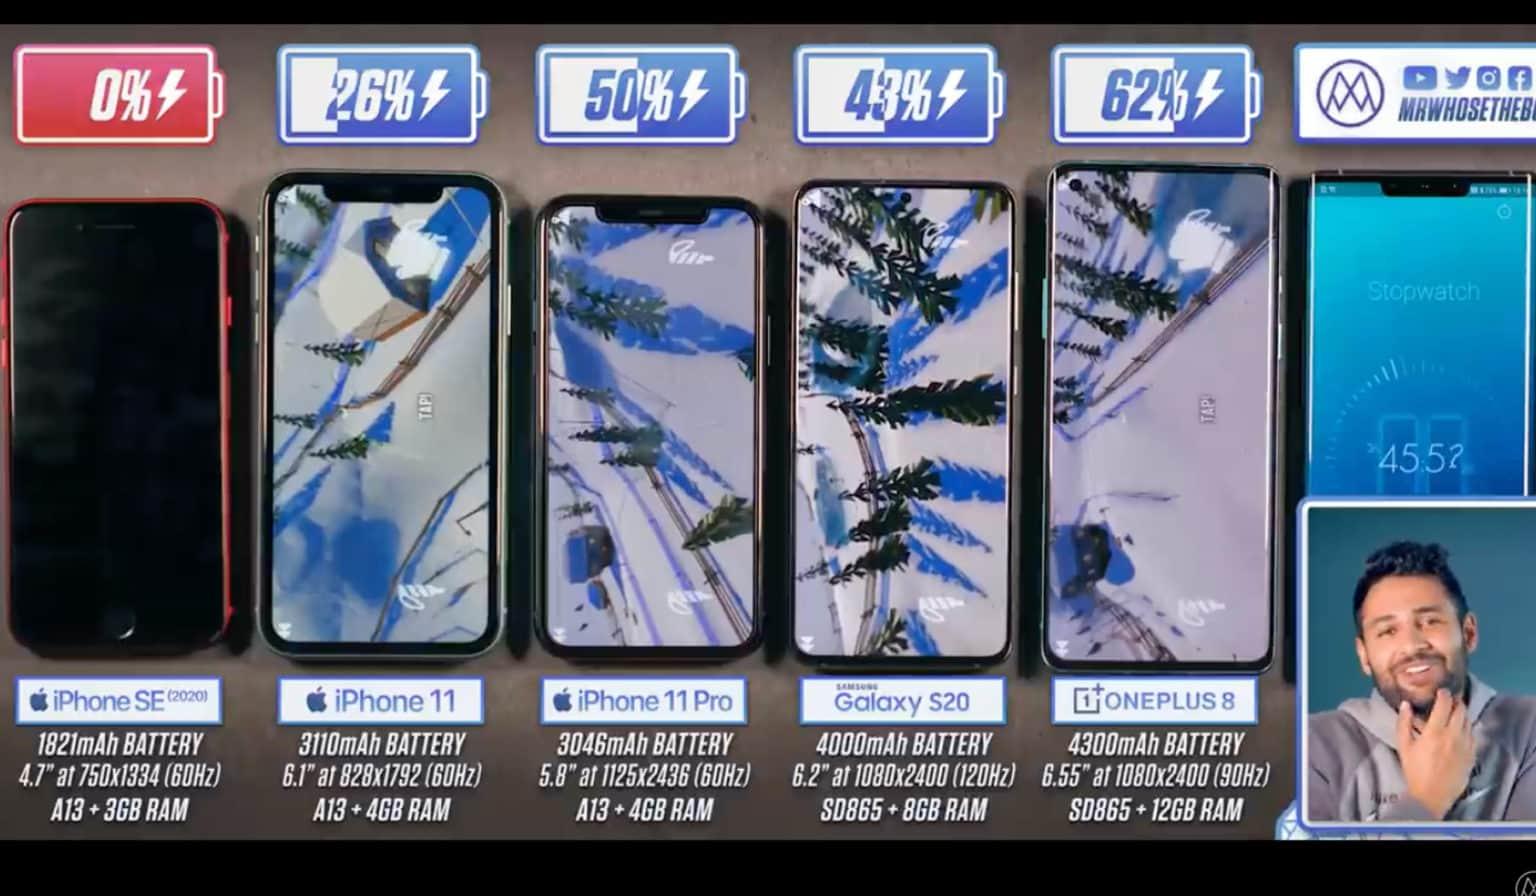 iphone.se.battery.comparison.test.1